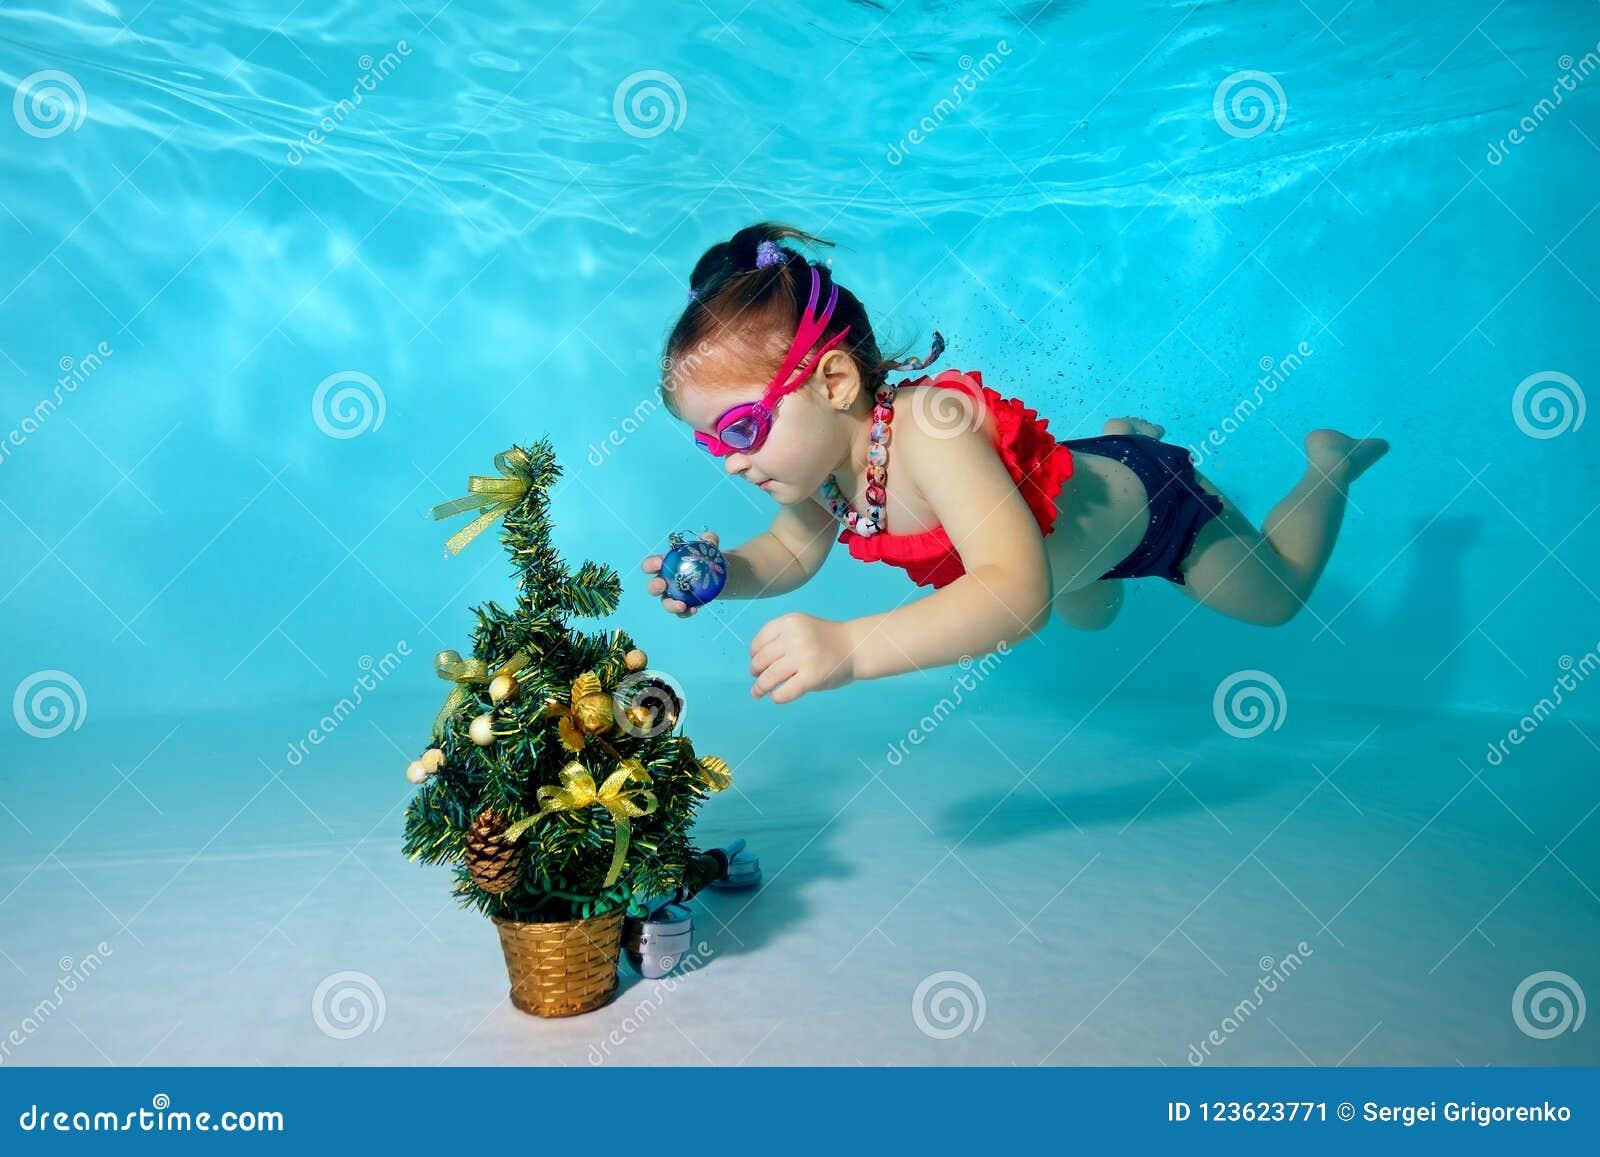 Ребенок подводный в бассейне украшает рождественскую елку с игрушками рождества Портрет Стрельба под водой Горизонтальное orienta